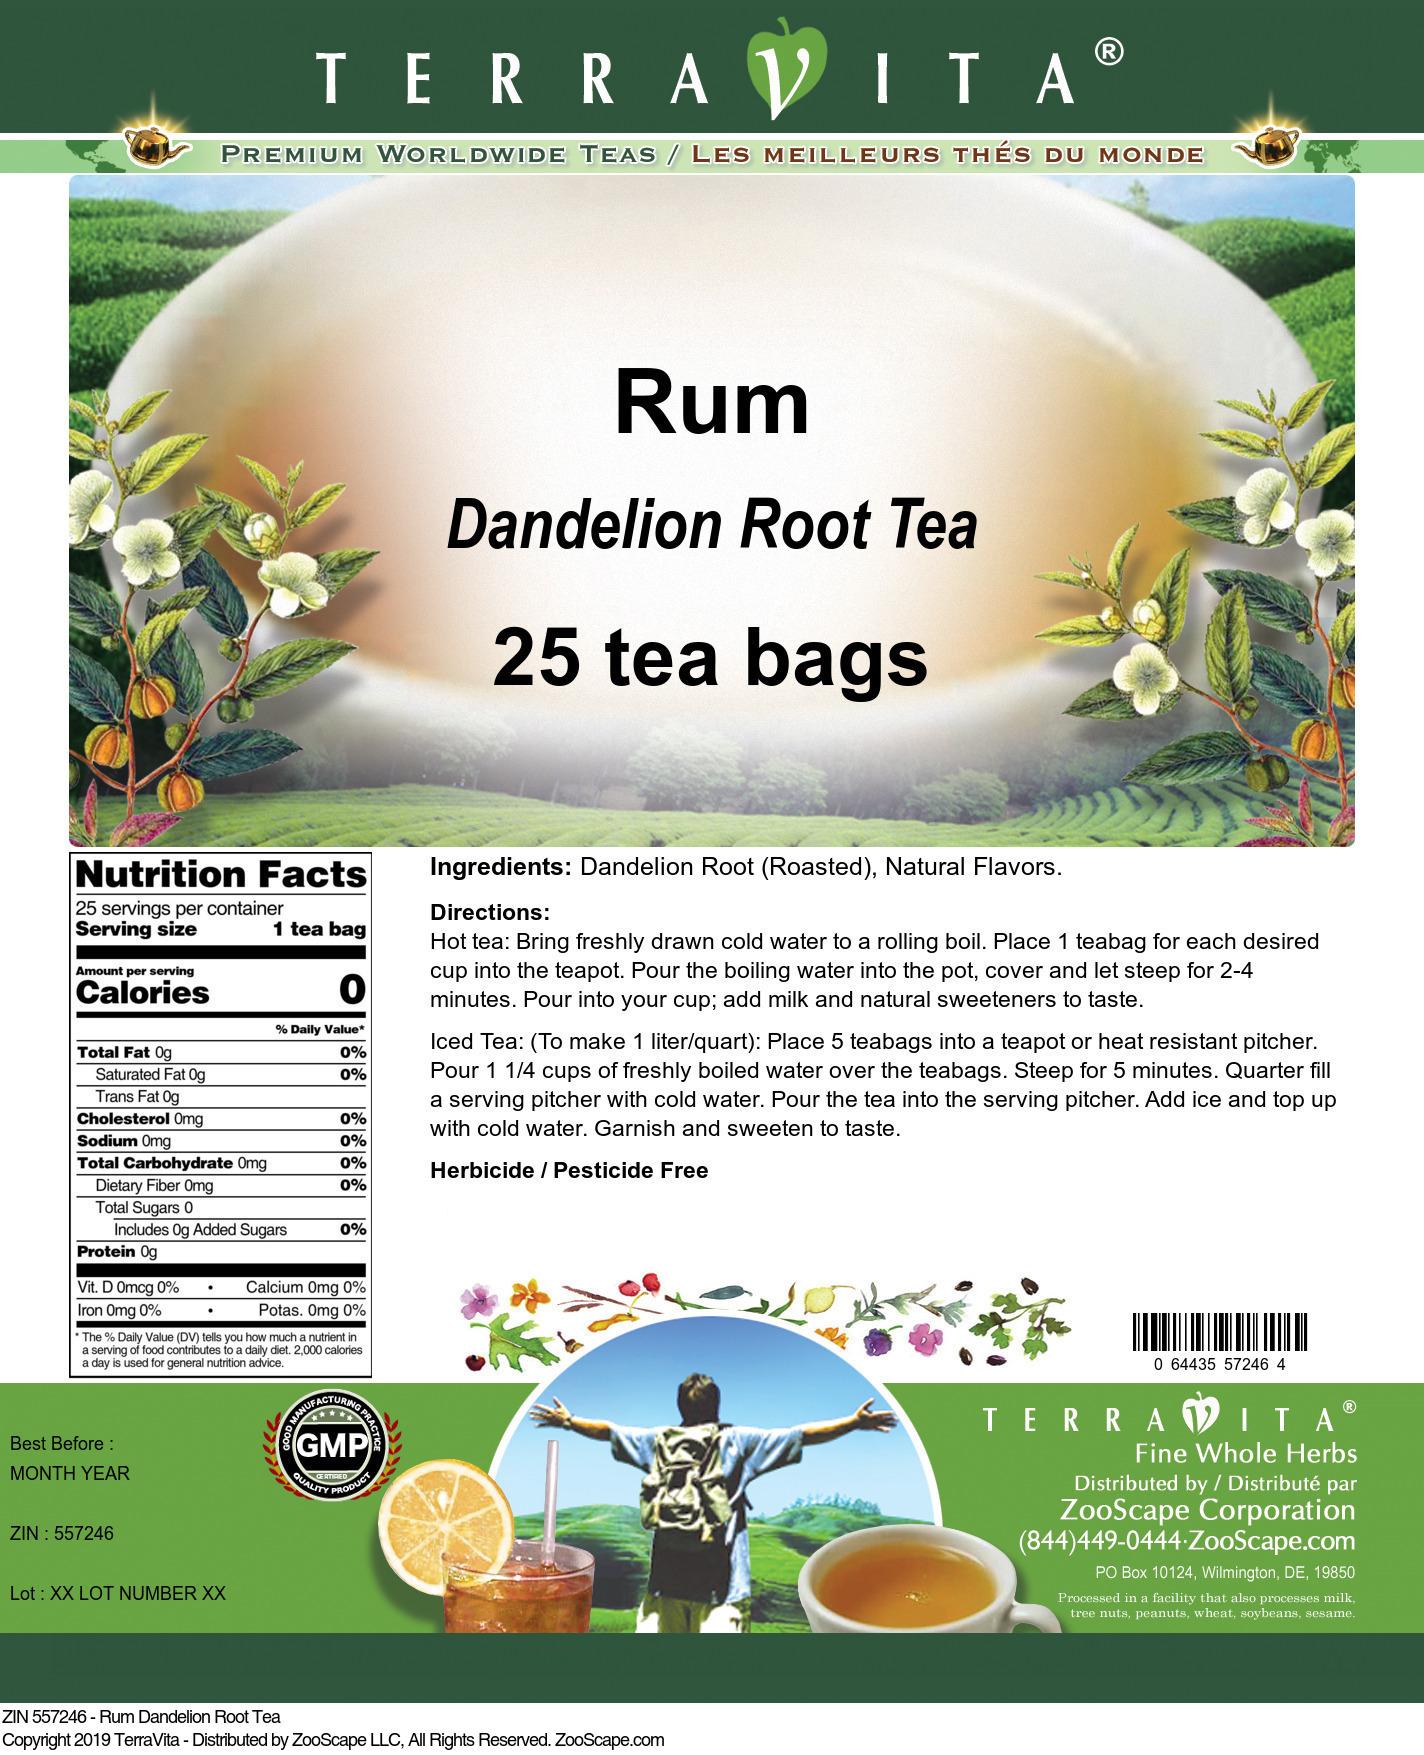 Rum Dandelion Root